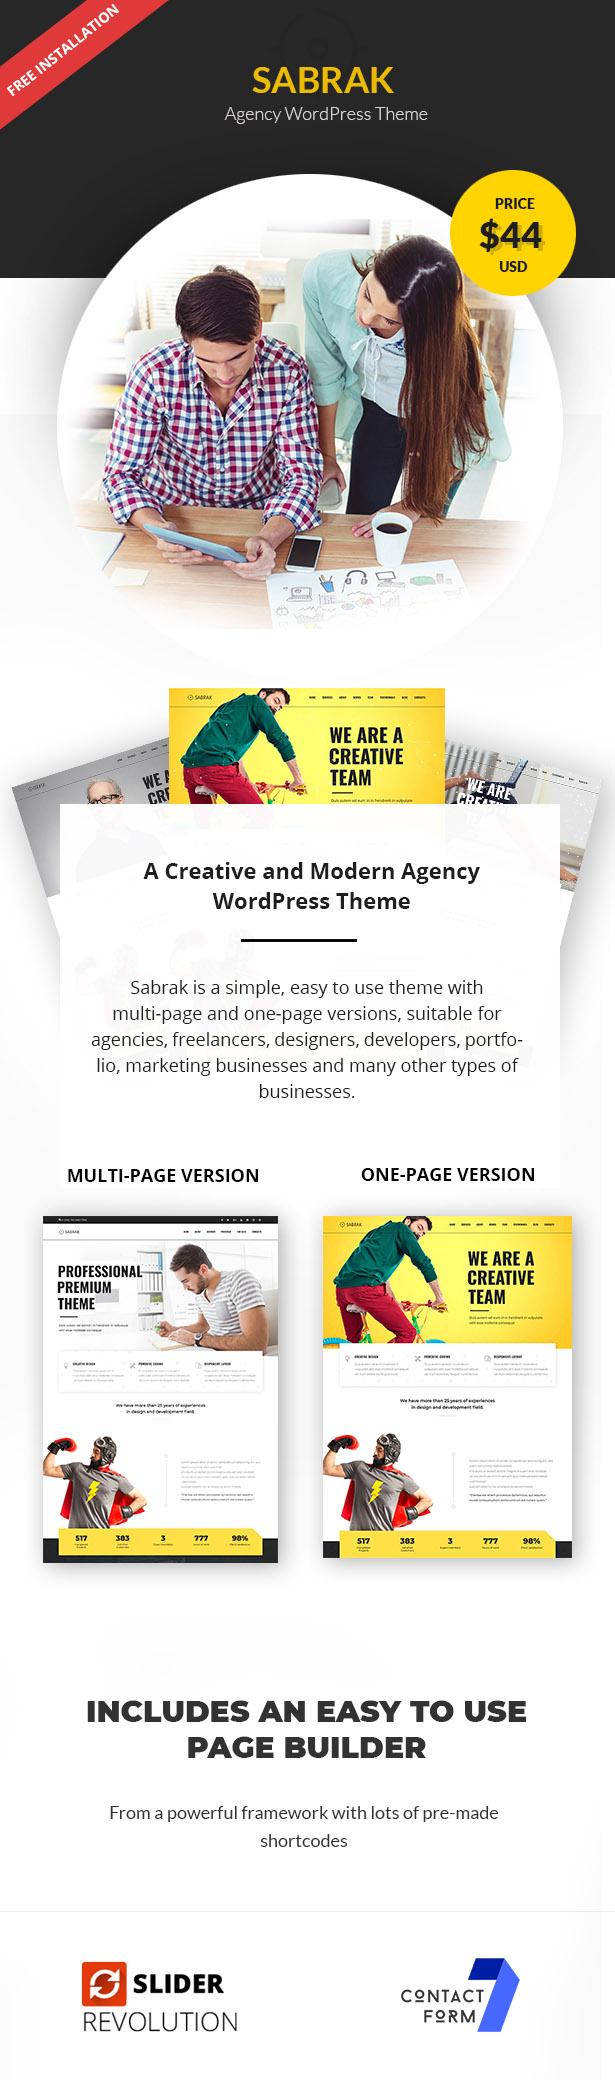 Sabrak - Agency WordPress Theme - 1